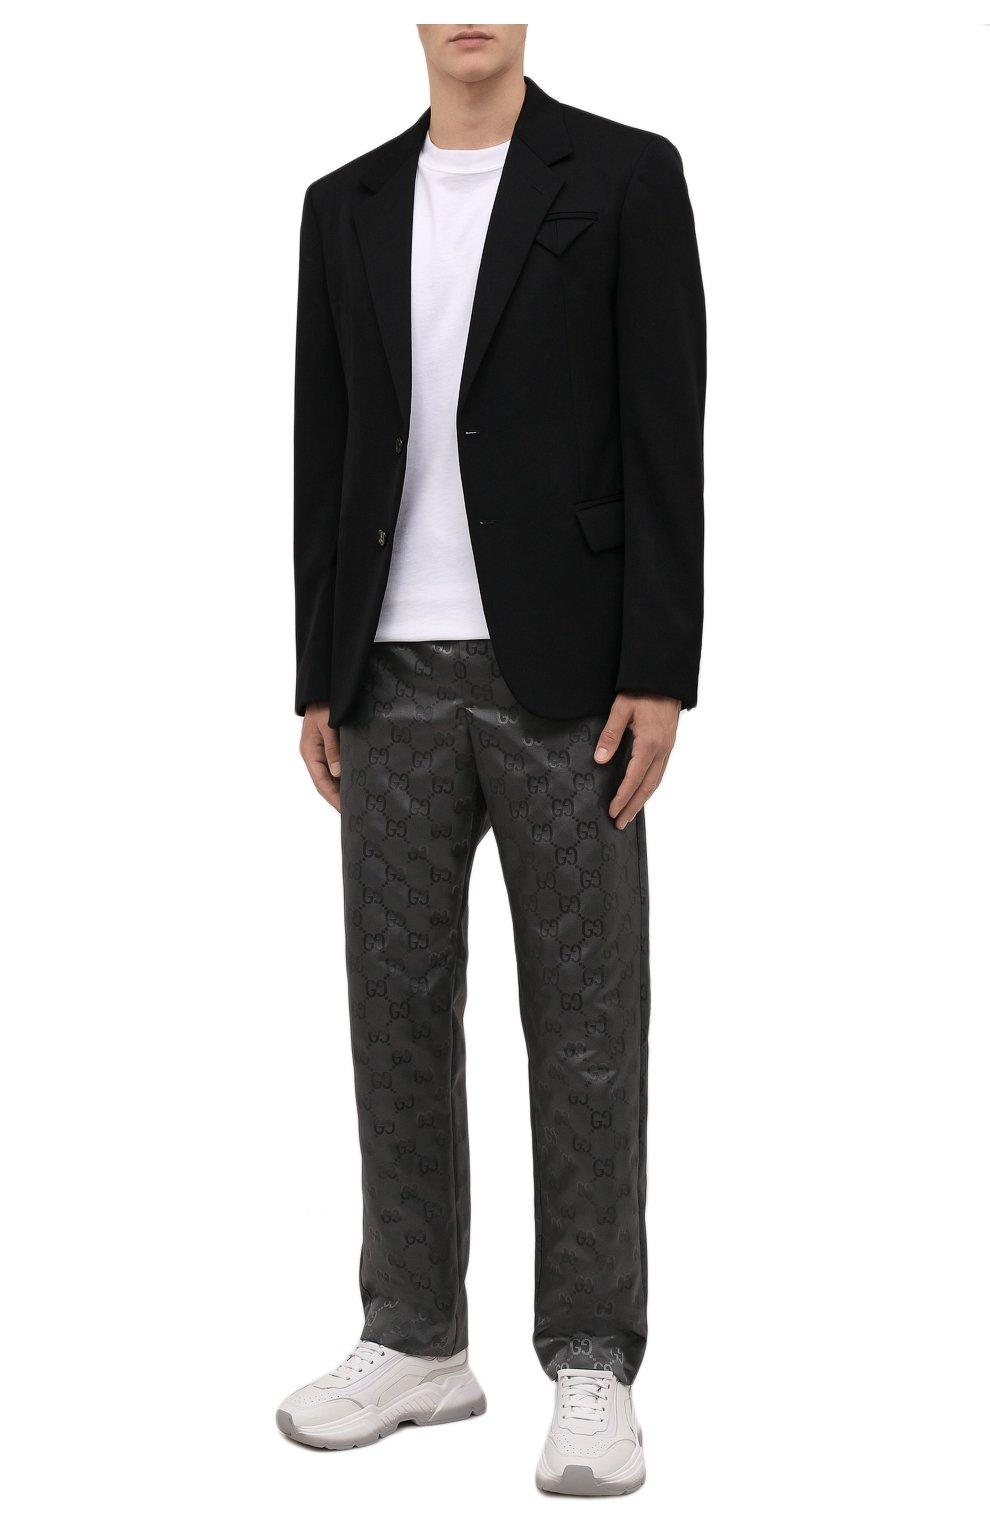 Мужские брюки GUCCI темно-серого цвета, арт. 656671/ZAEBN | Фото 2 (Стили: Ретро; Длина (брюки, джинсы): Стандартные; Случай: Повседневный; Материал внешний: Синтетический материал)